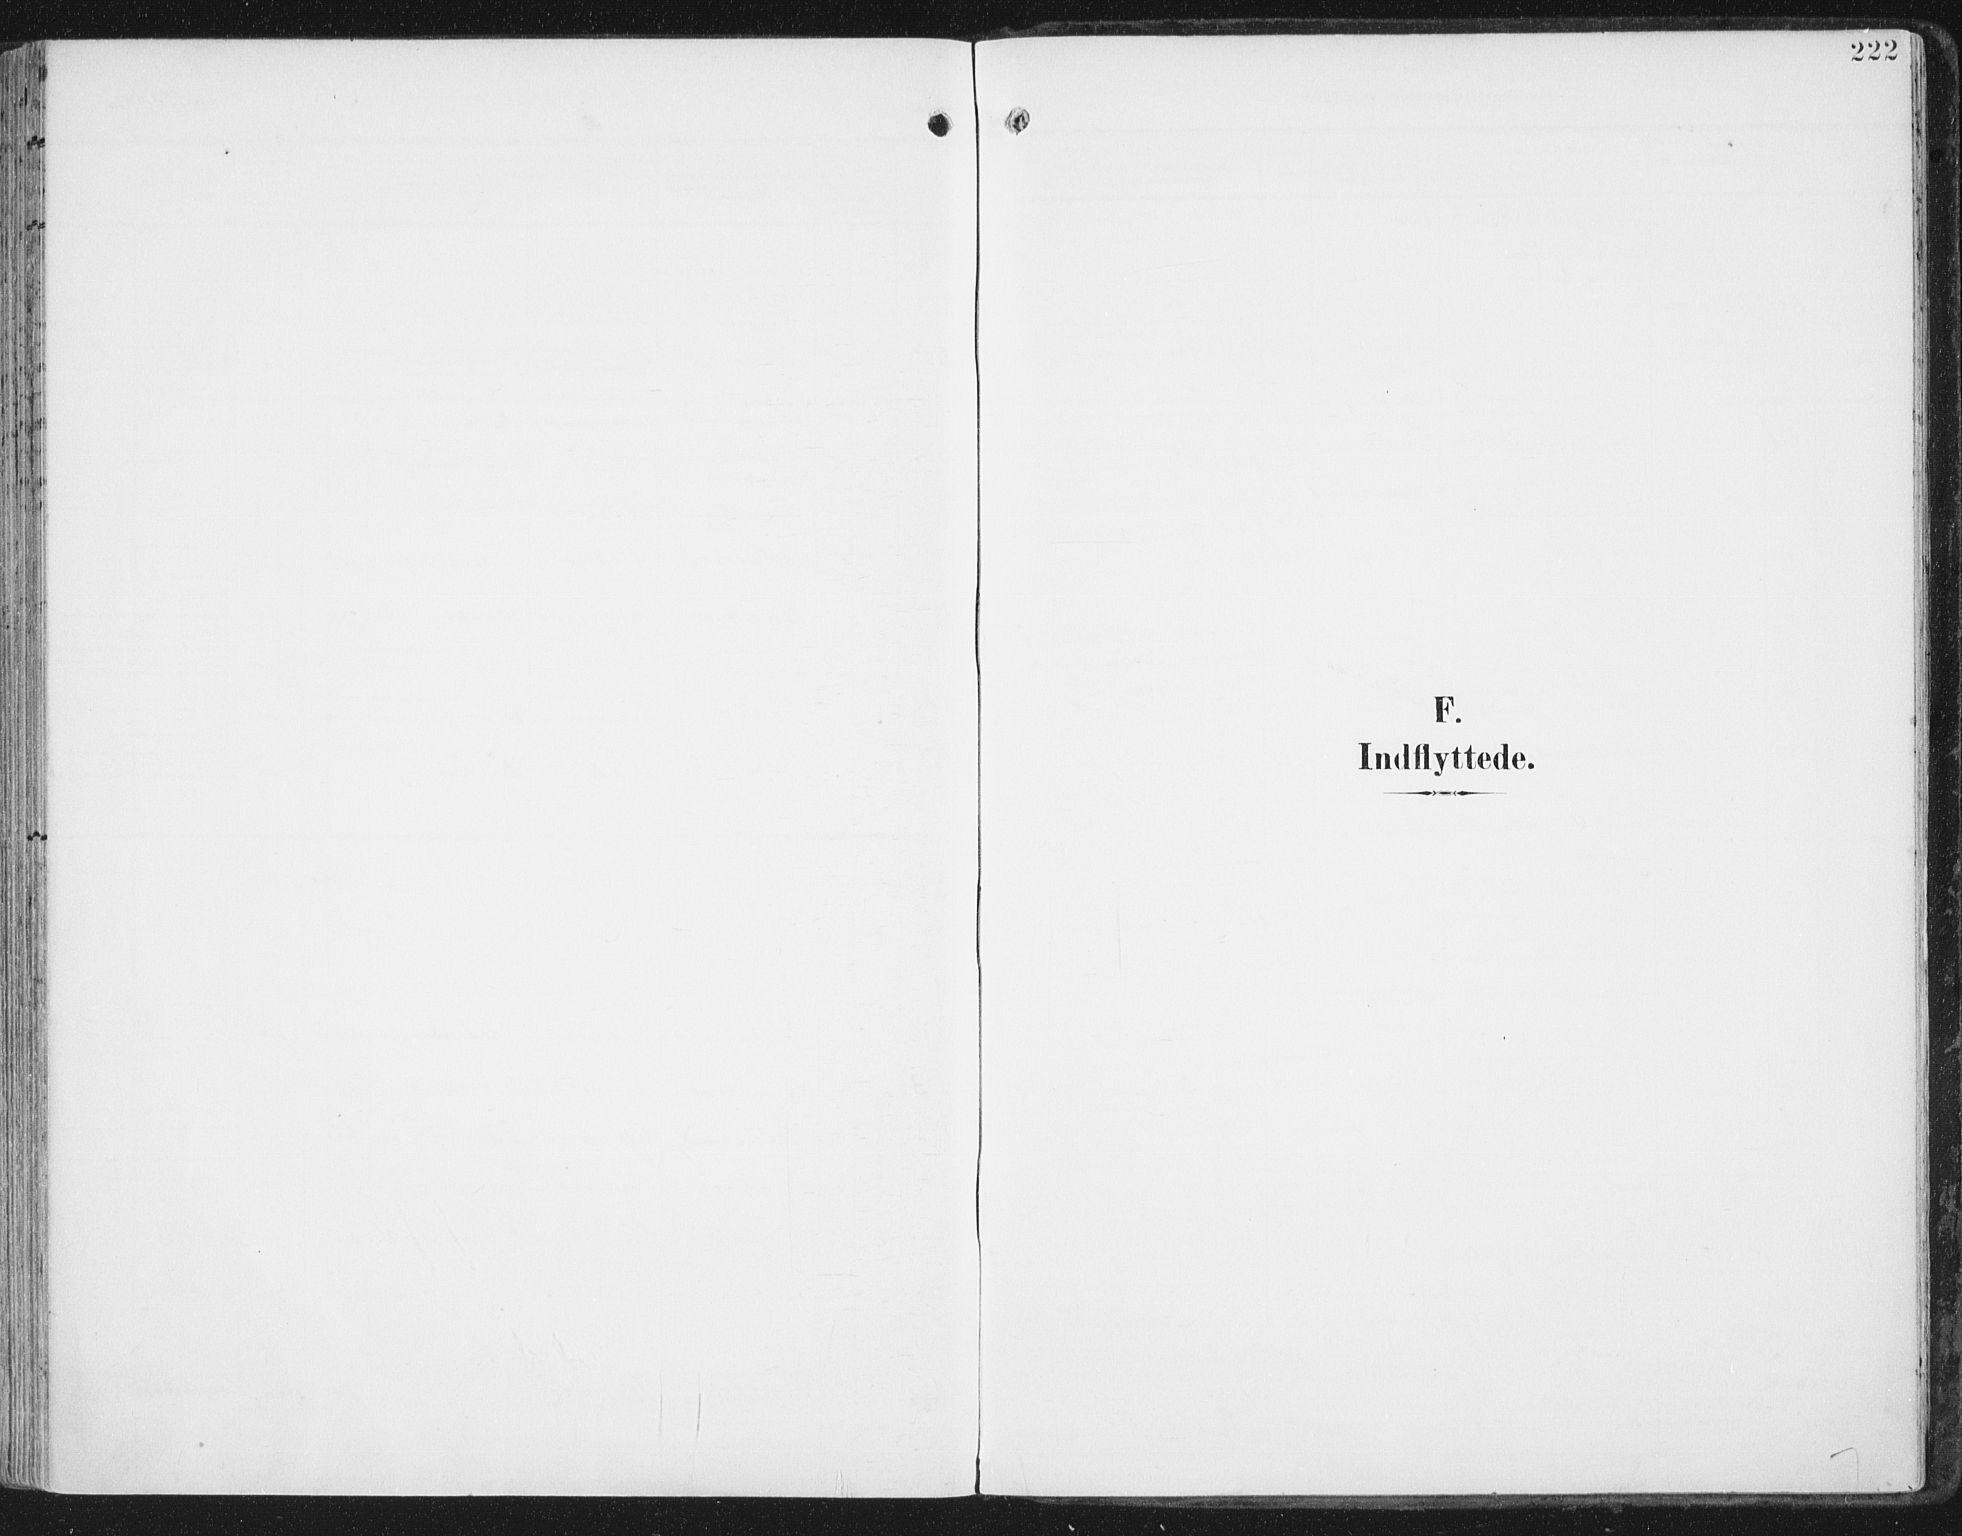 SAT, Ministerialprotokoller, klokkerbøker og fødselsregistre - Nord-Trøndelag, 786/L0688: Ministerialbok nr. 786A04, 1899-1912, s. 222